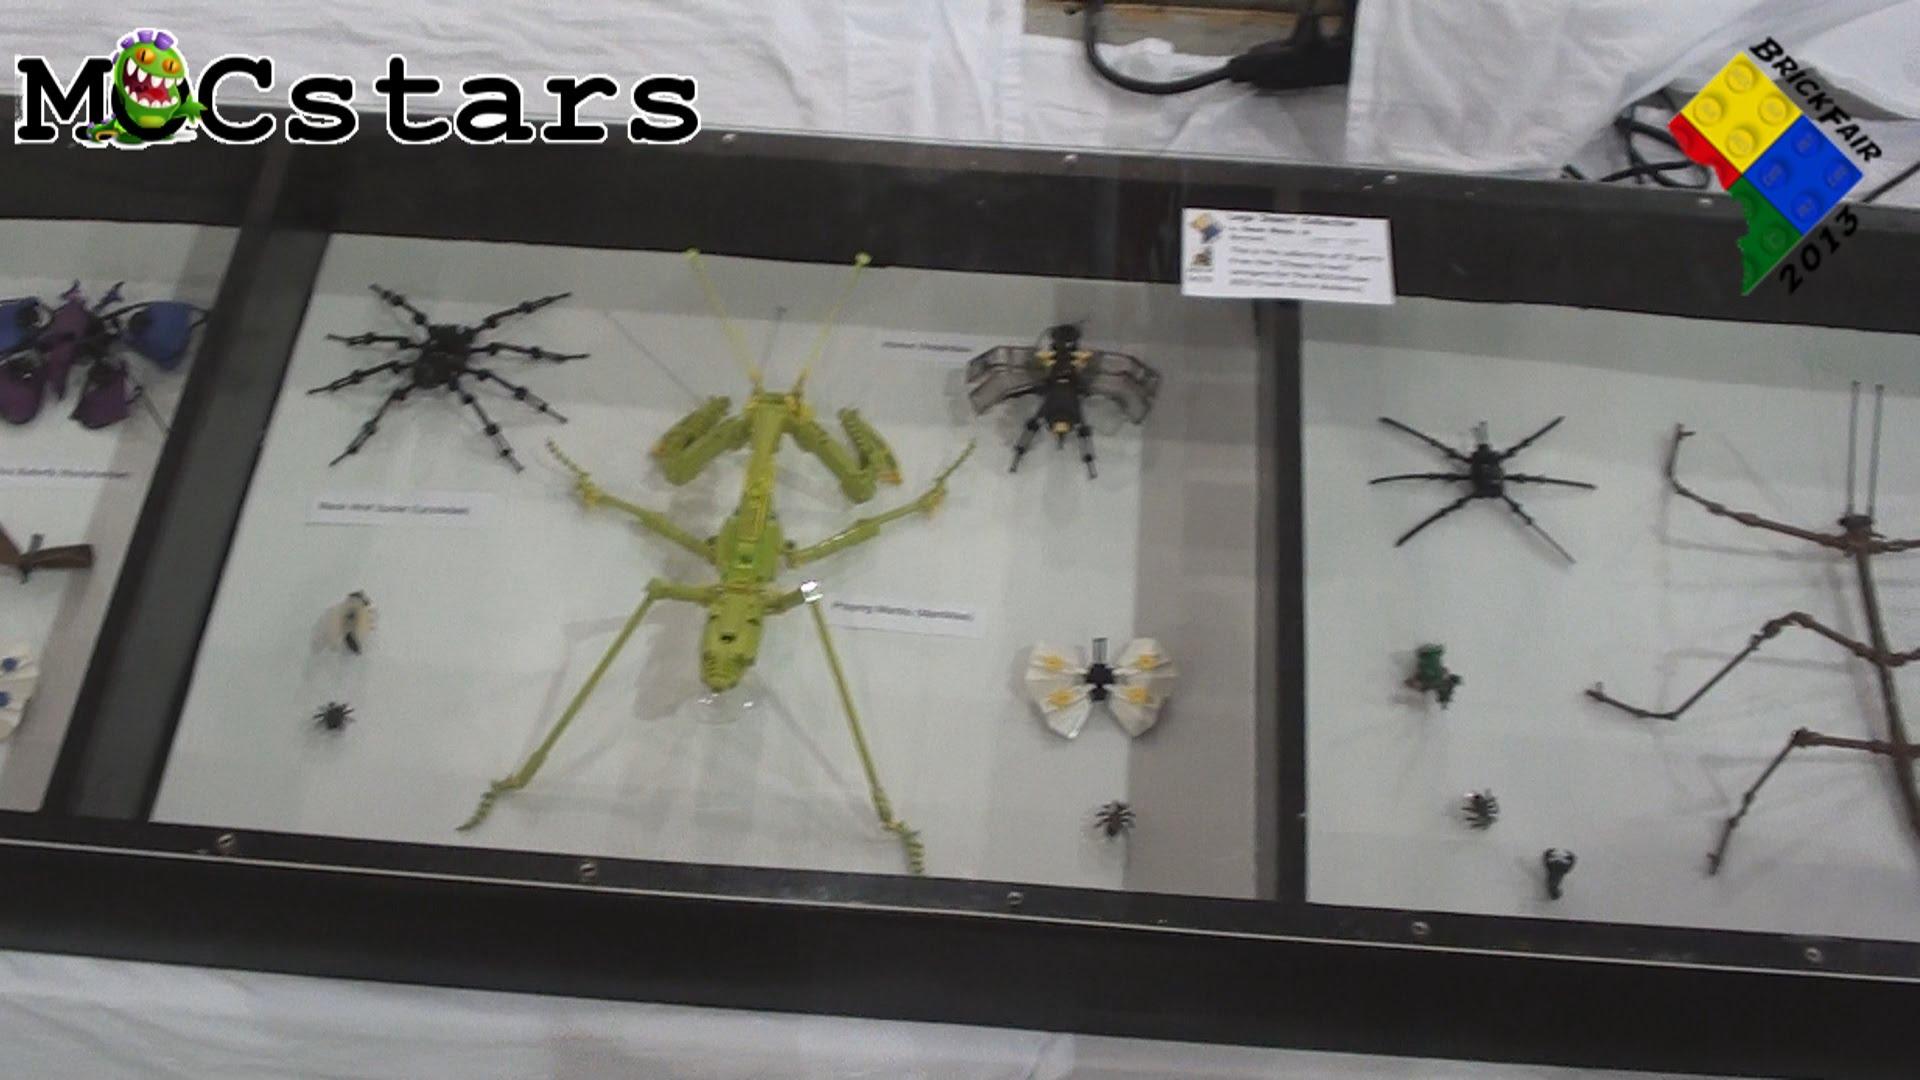 【LEGO】レゴで作った昆虫が本物の標本にしか見えない